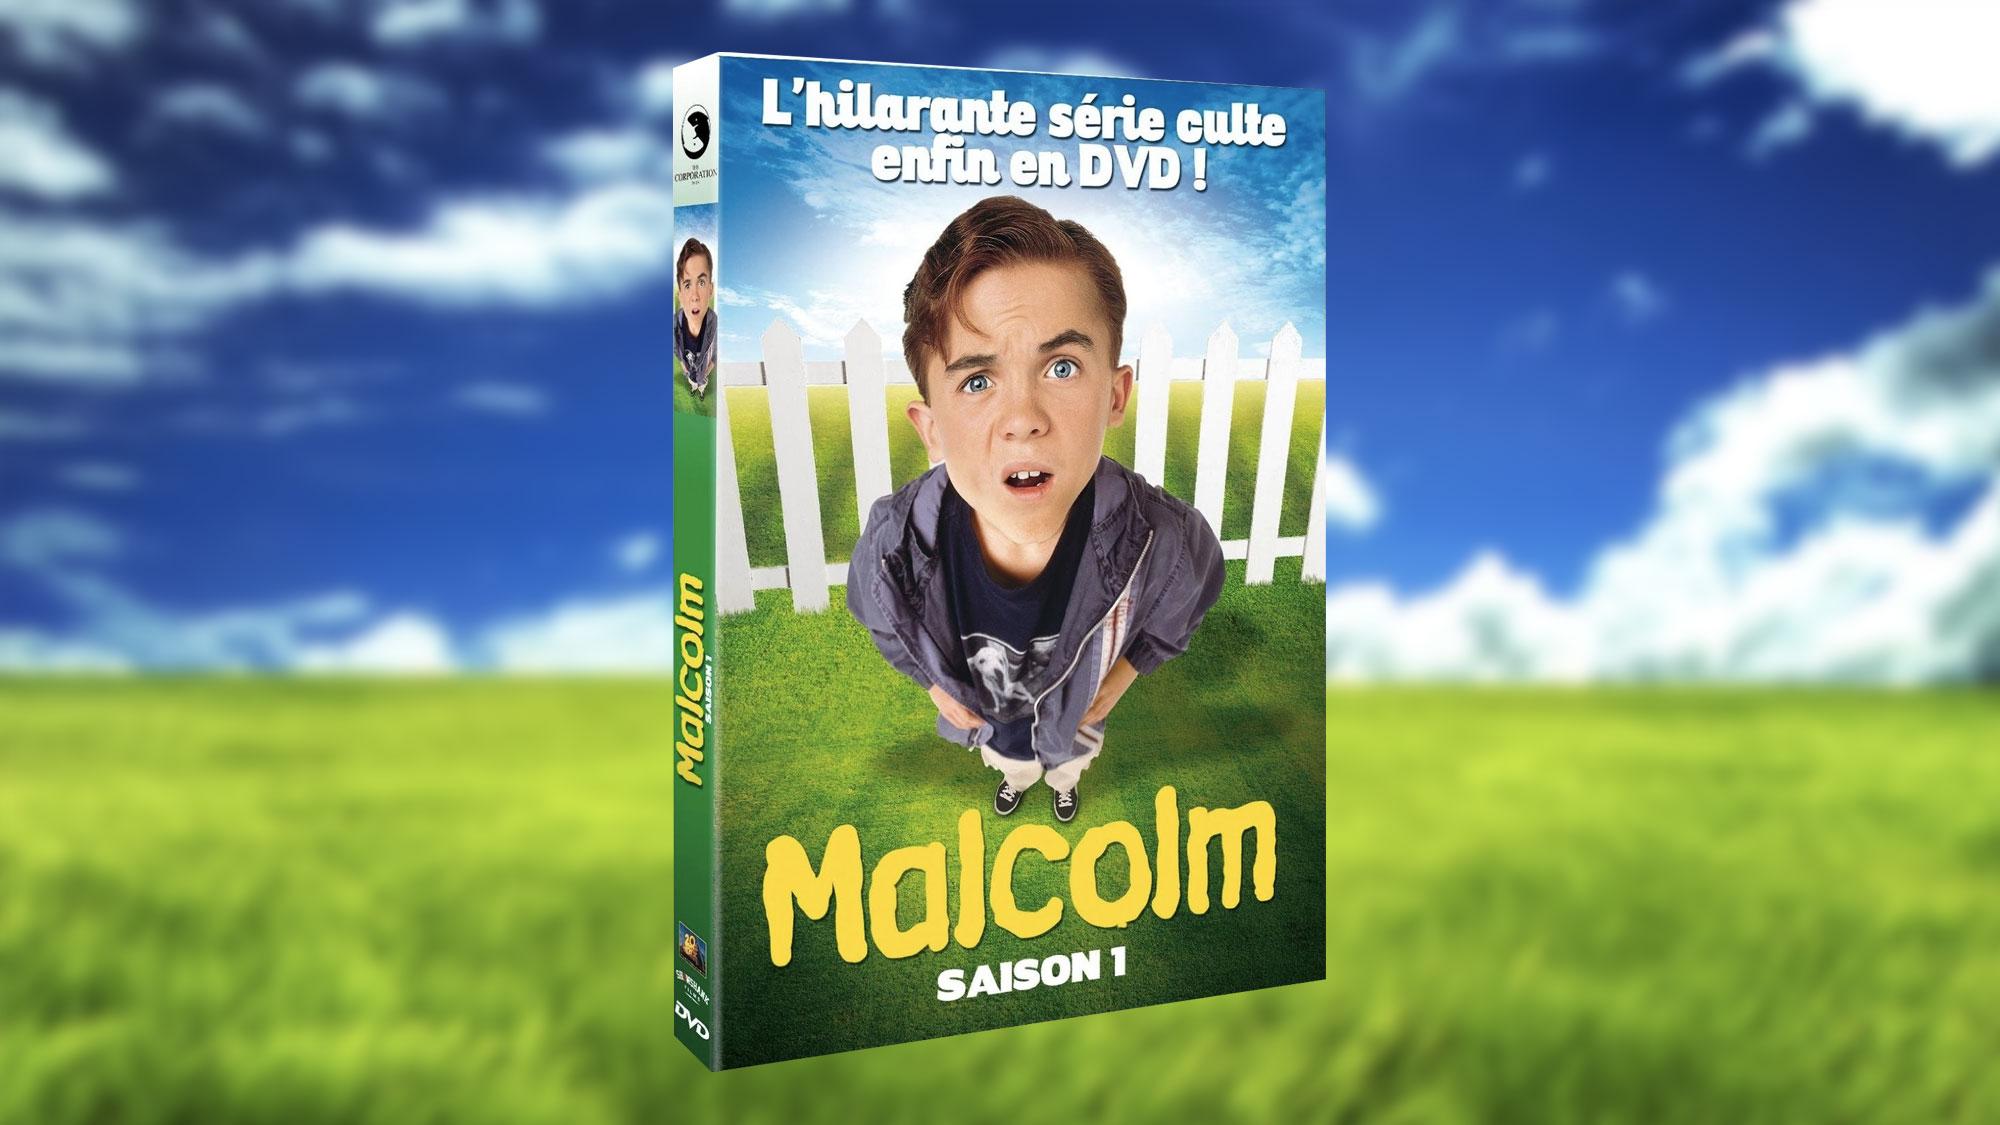 Jeu concours. 10 coffrets DVD <em>Malcolm</em> saison 1 à gagner !